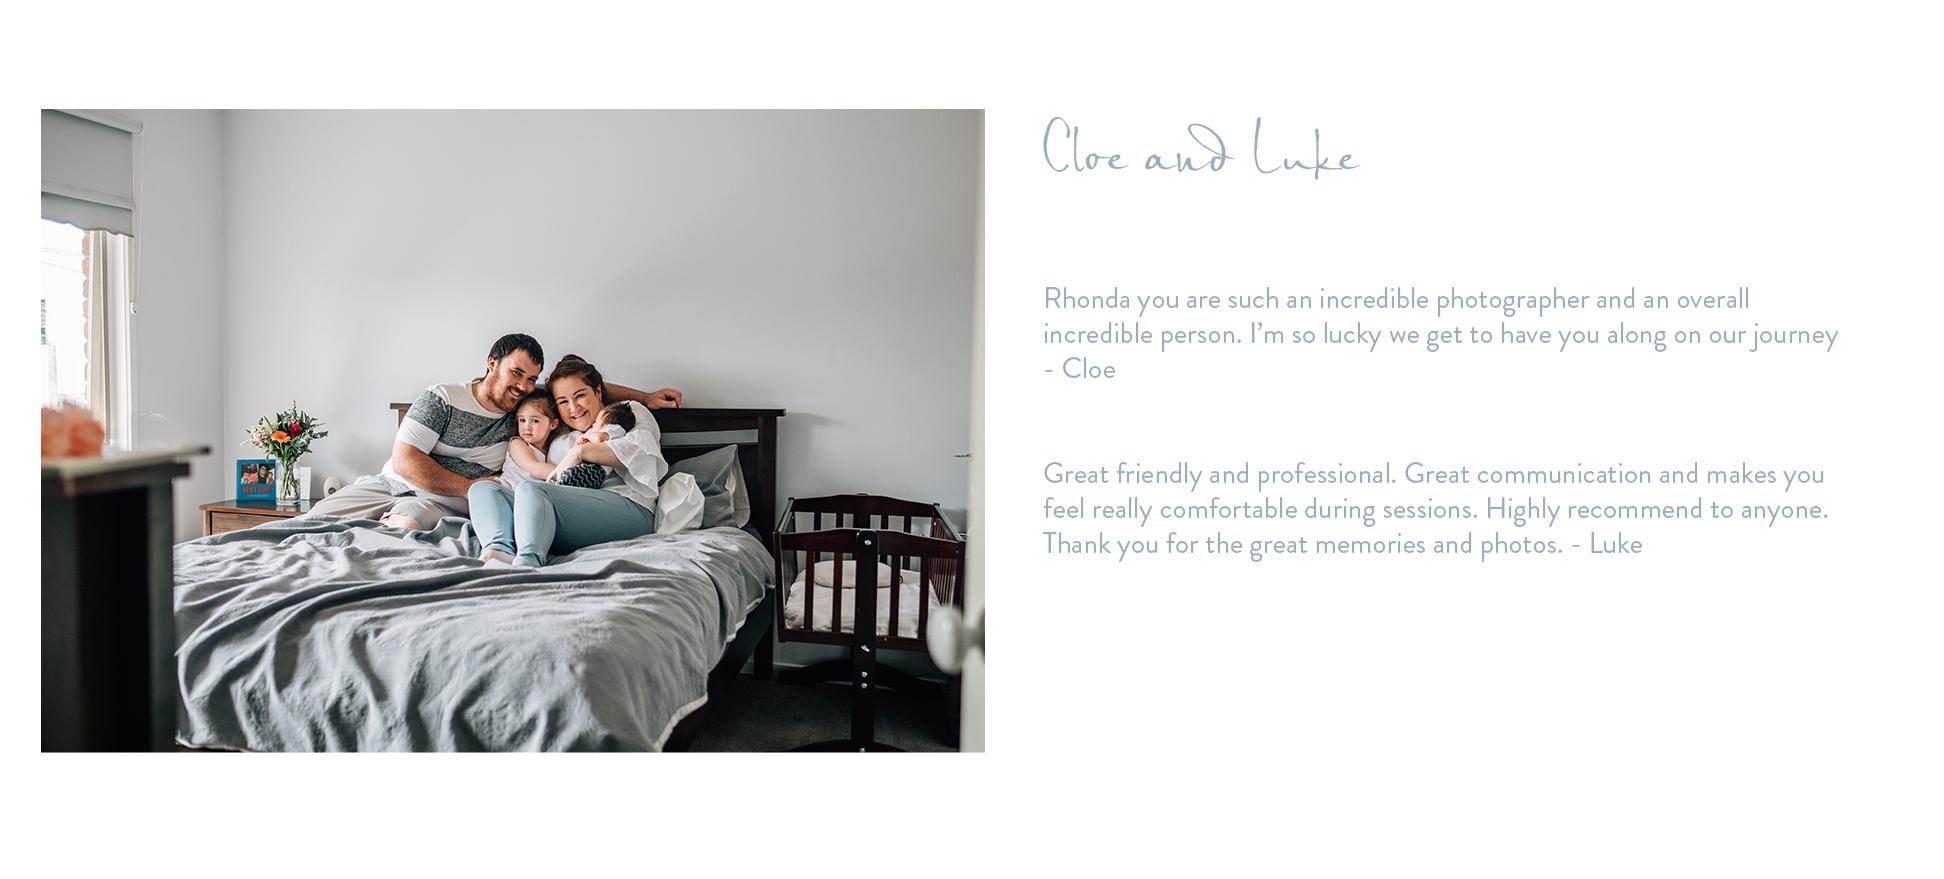 Cloe and Luke.jpg